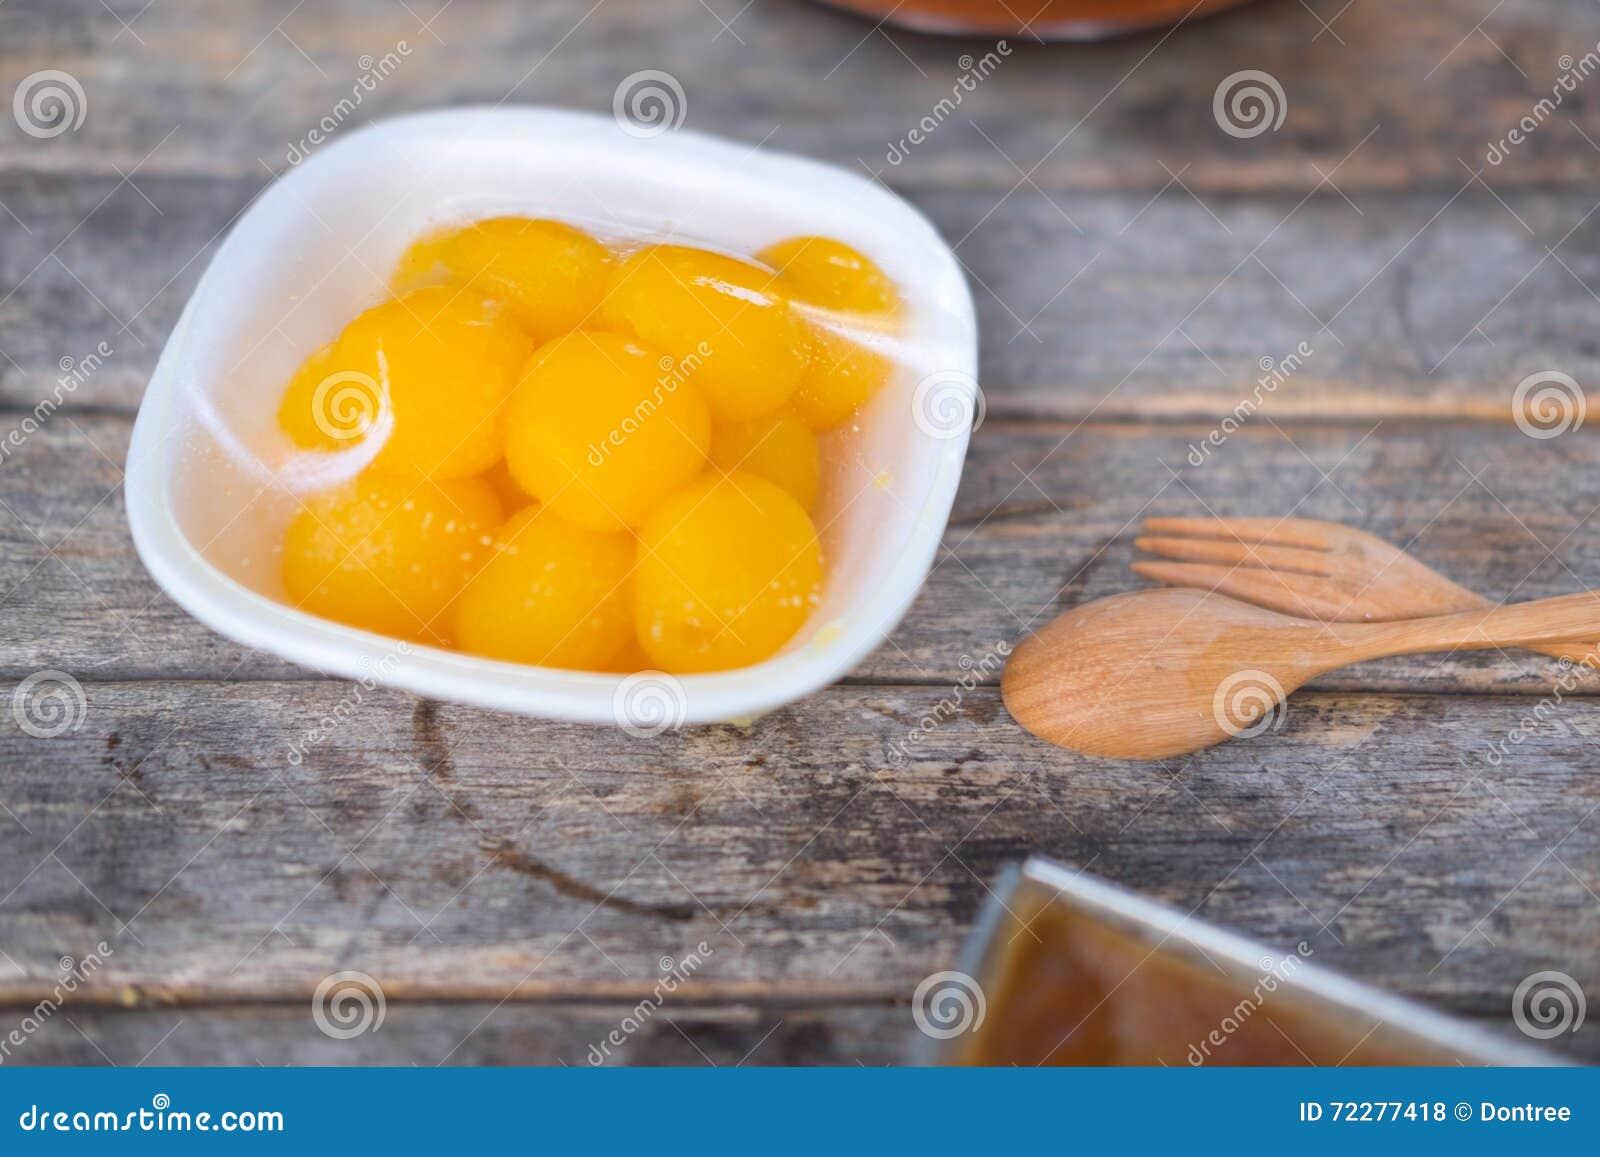 Download Khanom тайское традиционные тайские вкус и вкус помадок и Стоковое Фото - изображение насчитывающей украшение, десерт: 72277418